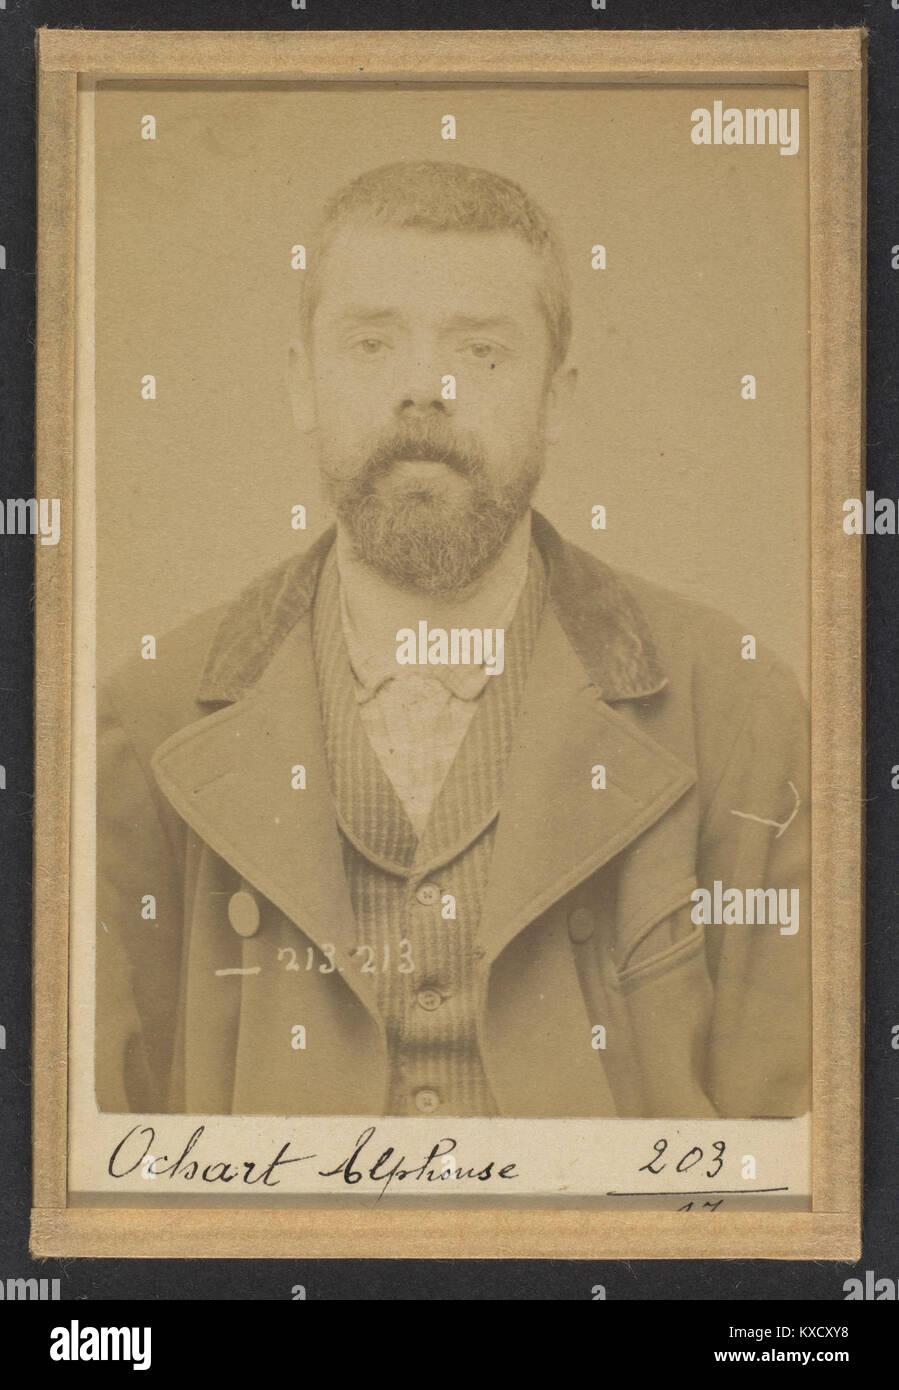 309. Ochart. Alphonse. 37 ans, né le 24-1-56 à Asbruch (Nord). Fabricant de chaussures. Anarchiste. 22 - Stock Image